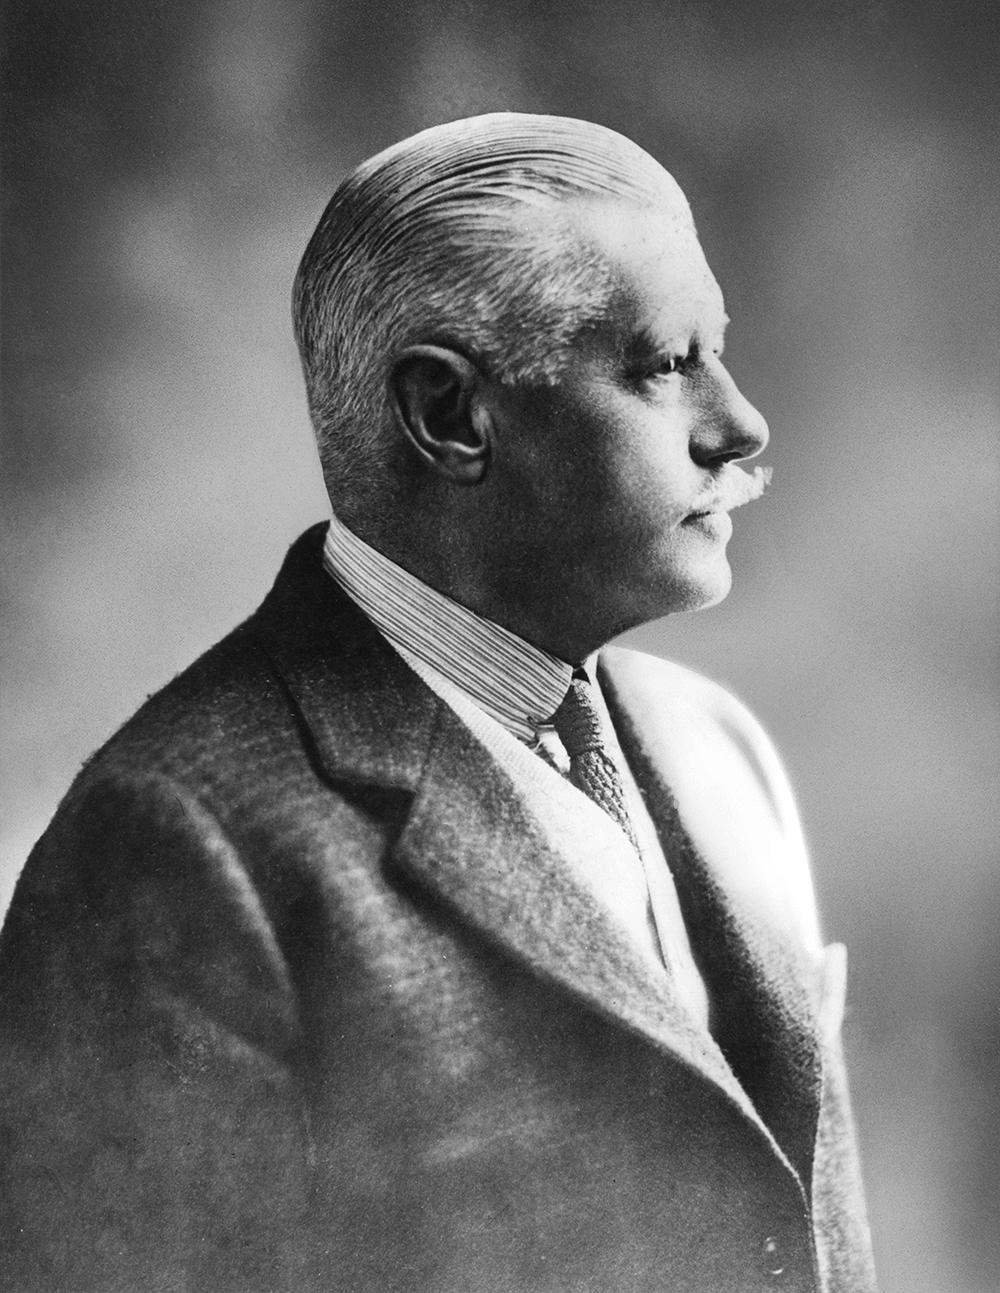 Основатель бренда Carhartt – Гамильтон Кархарт